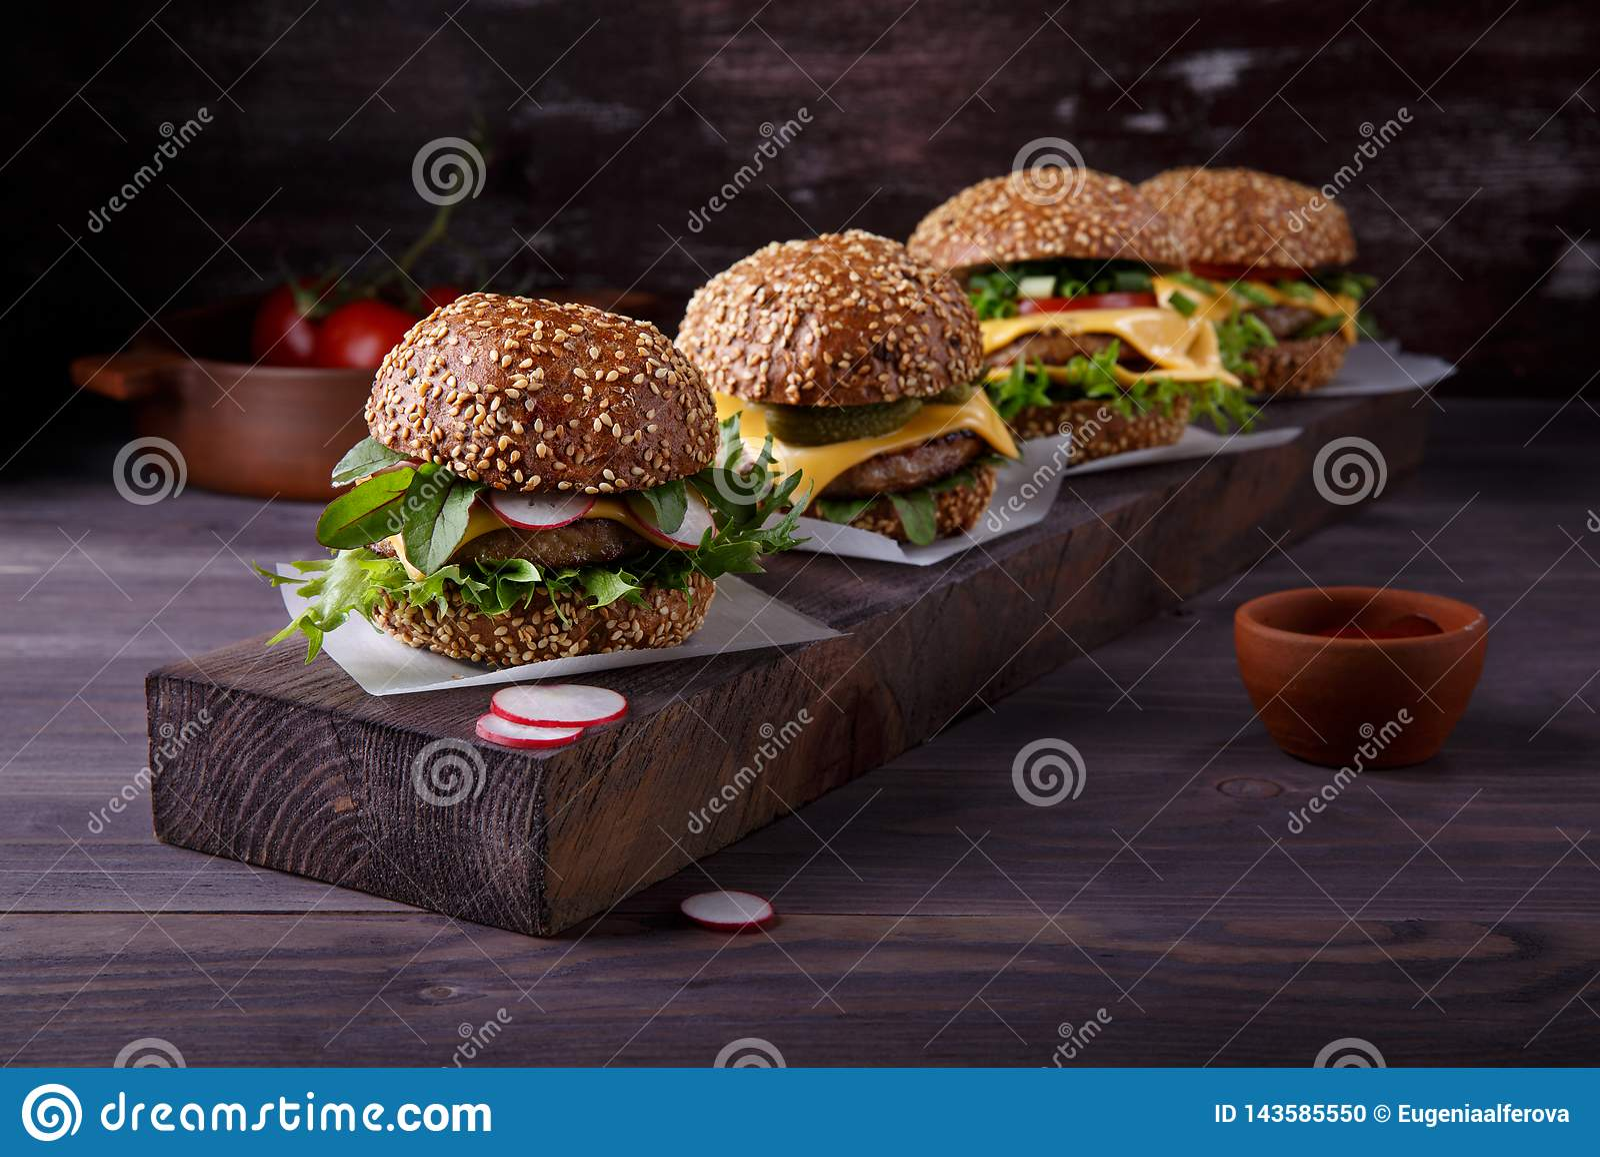 Quatre hamburgers faits maison sur la table en bois